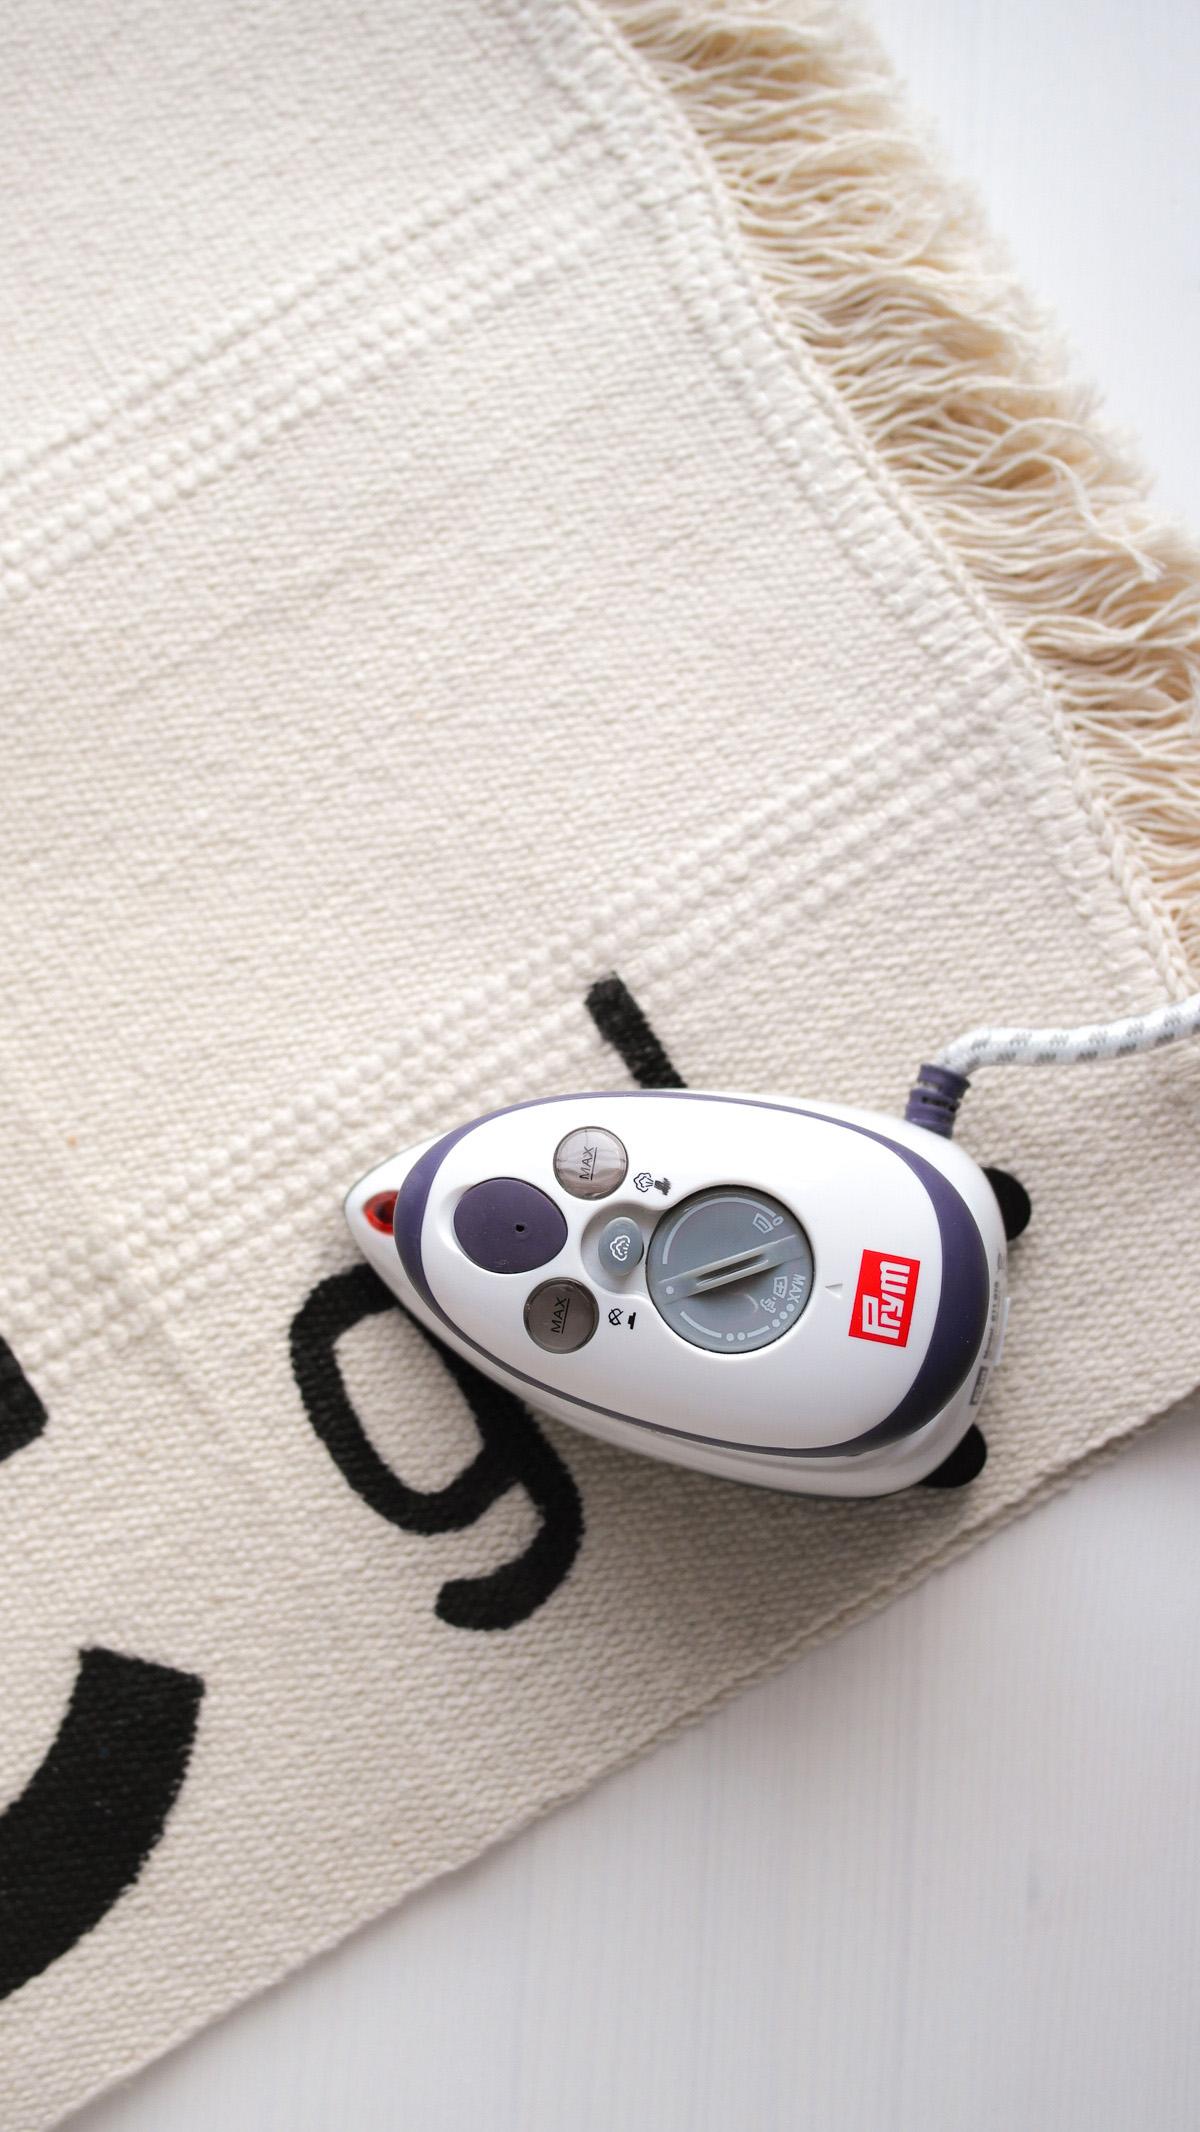 Einbügeln der Farbe auf dem Teppich Sortsö mit dem Bügeleisen